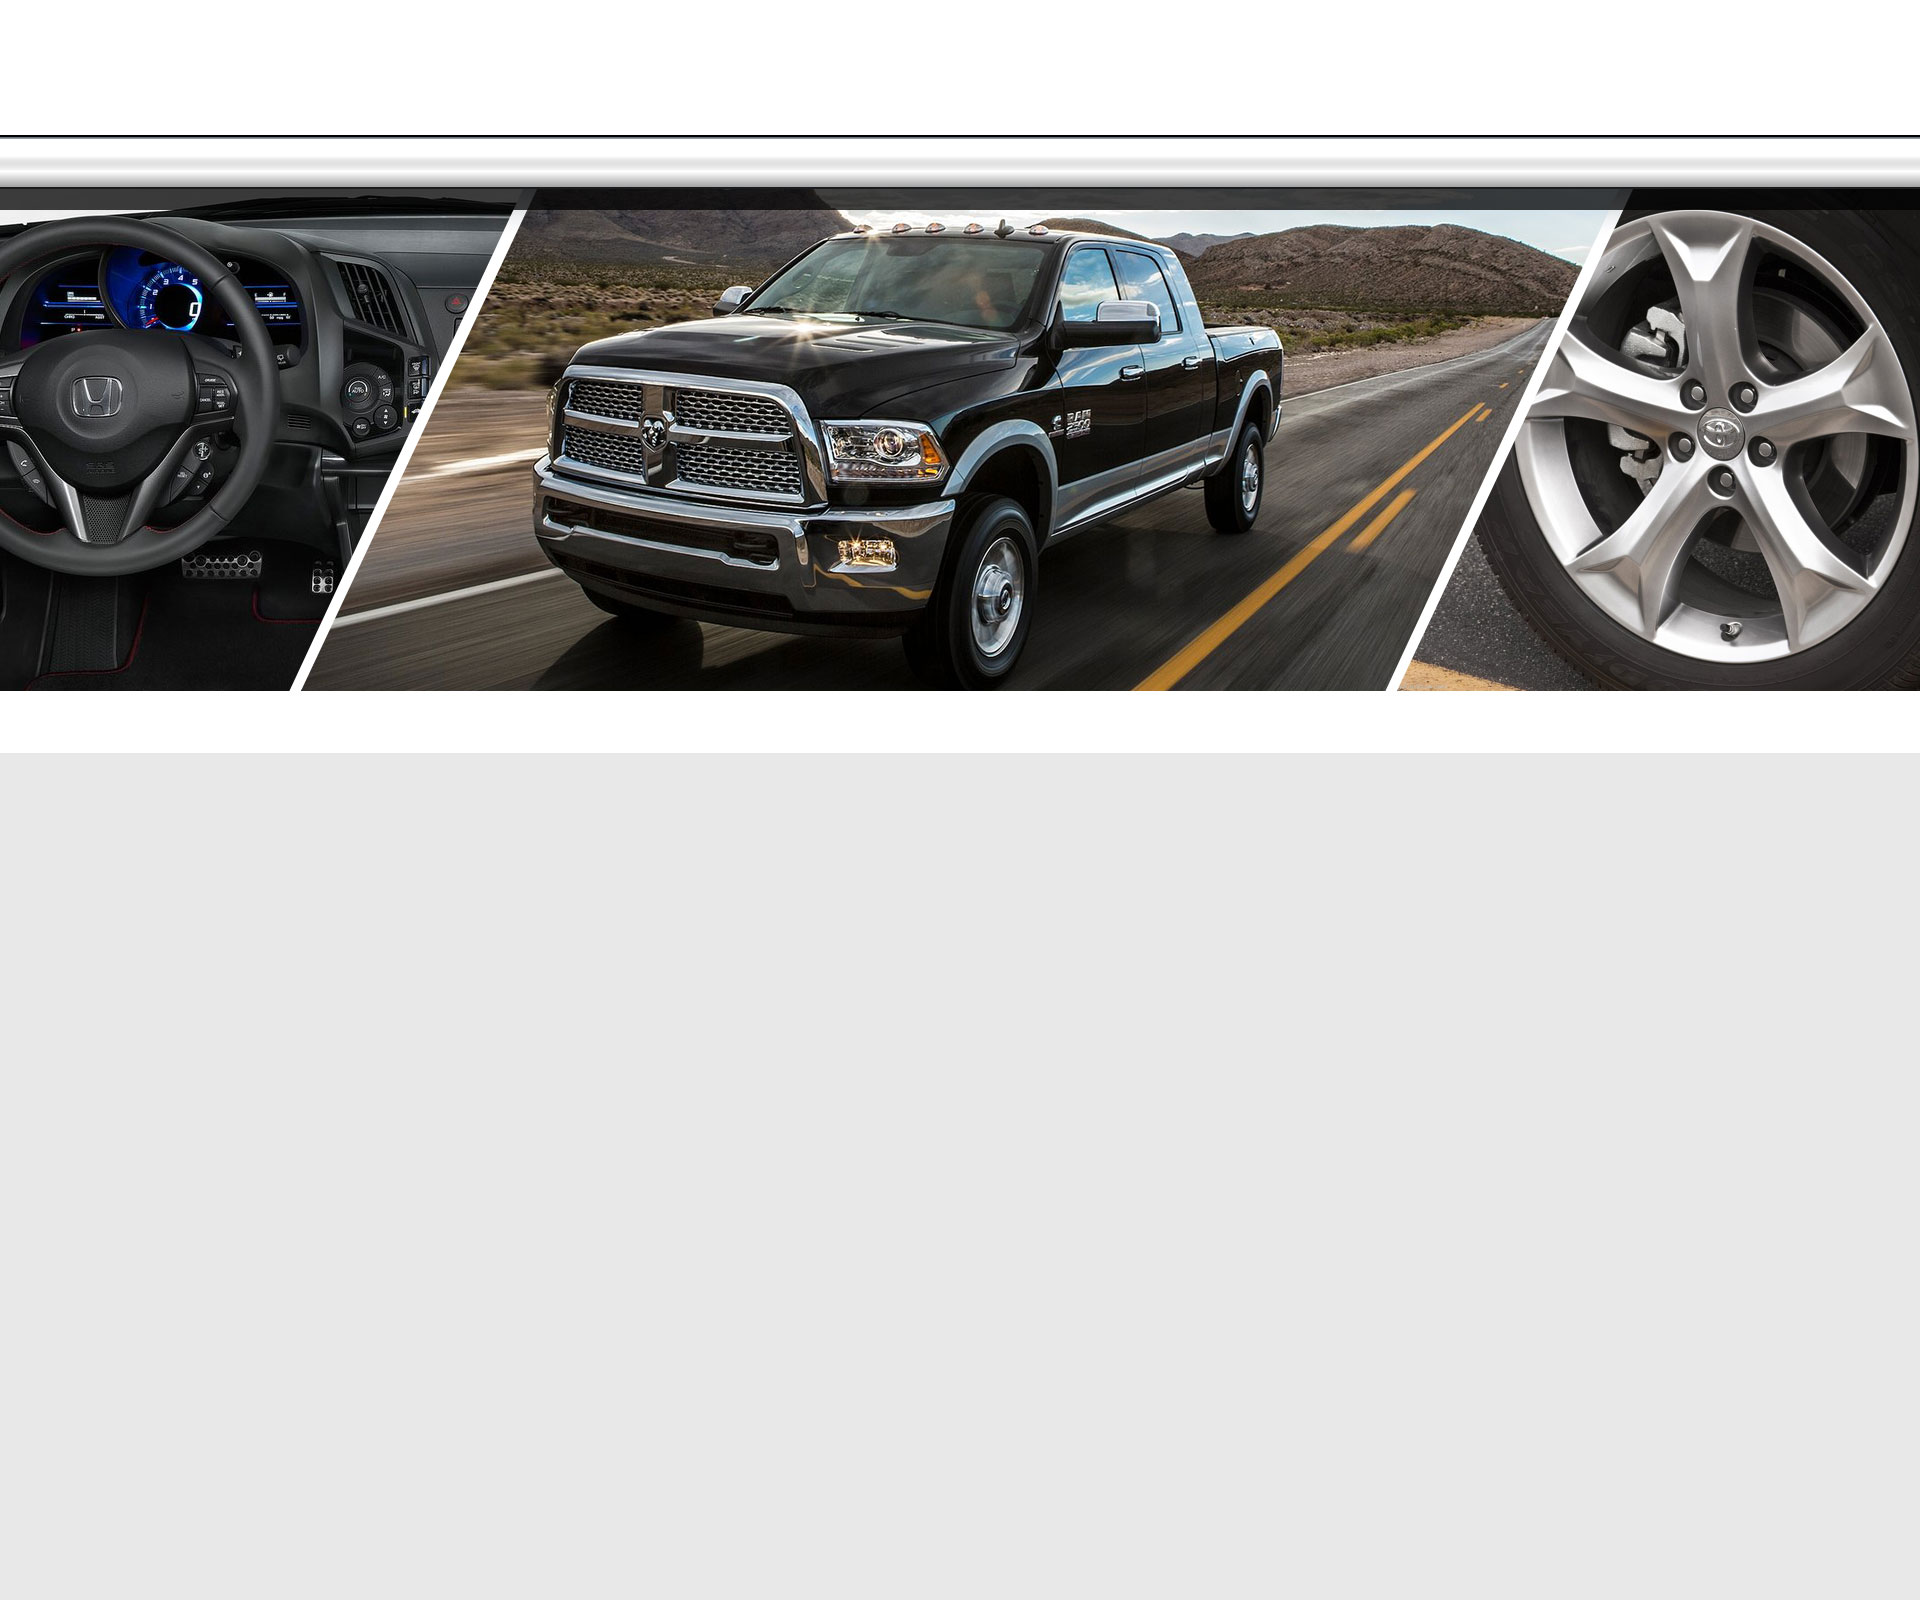 kingsport kar korner used cars kingsport tn dealer. Black Bedroom Furniture Sets. Home Design Ideas